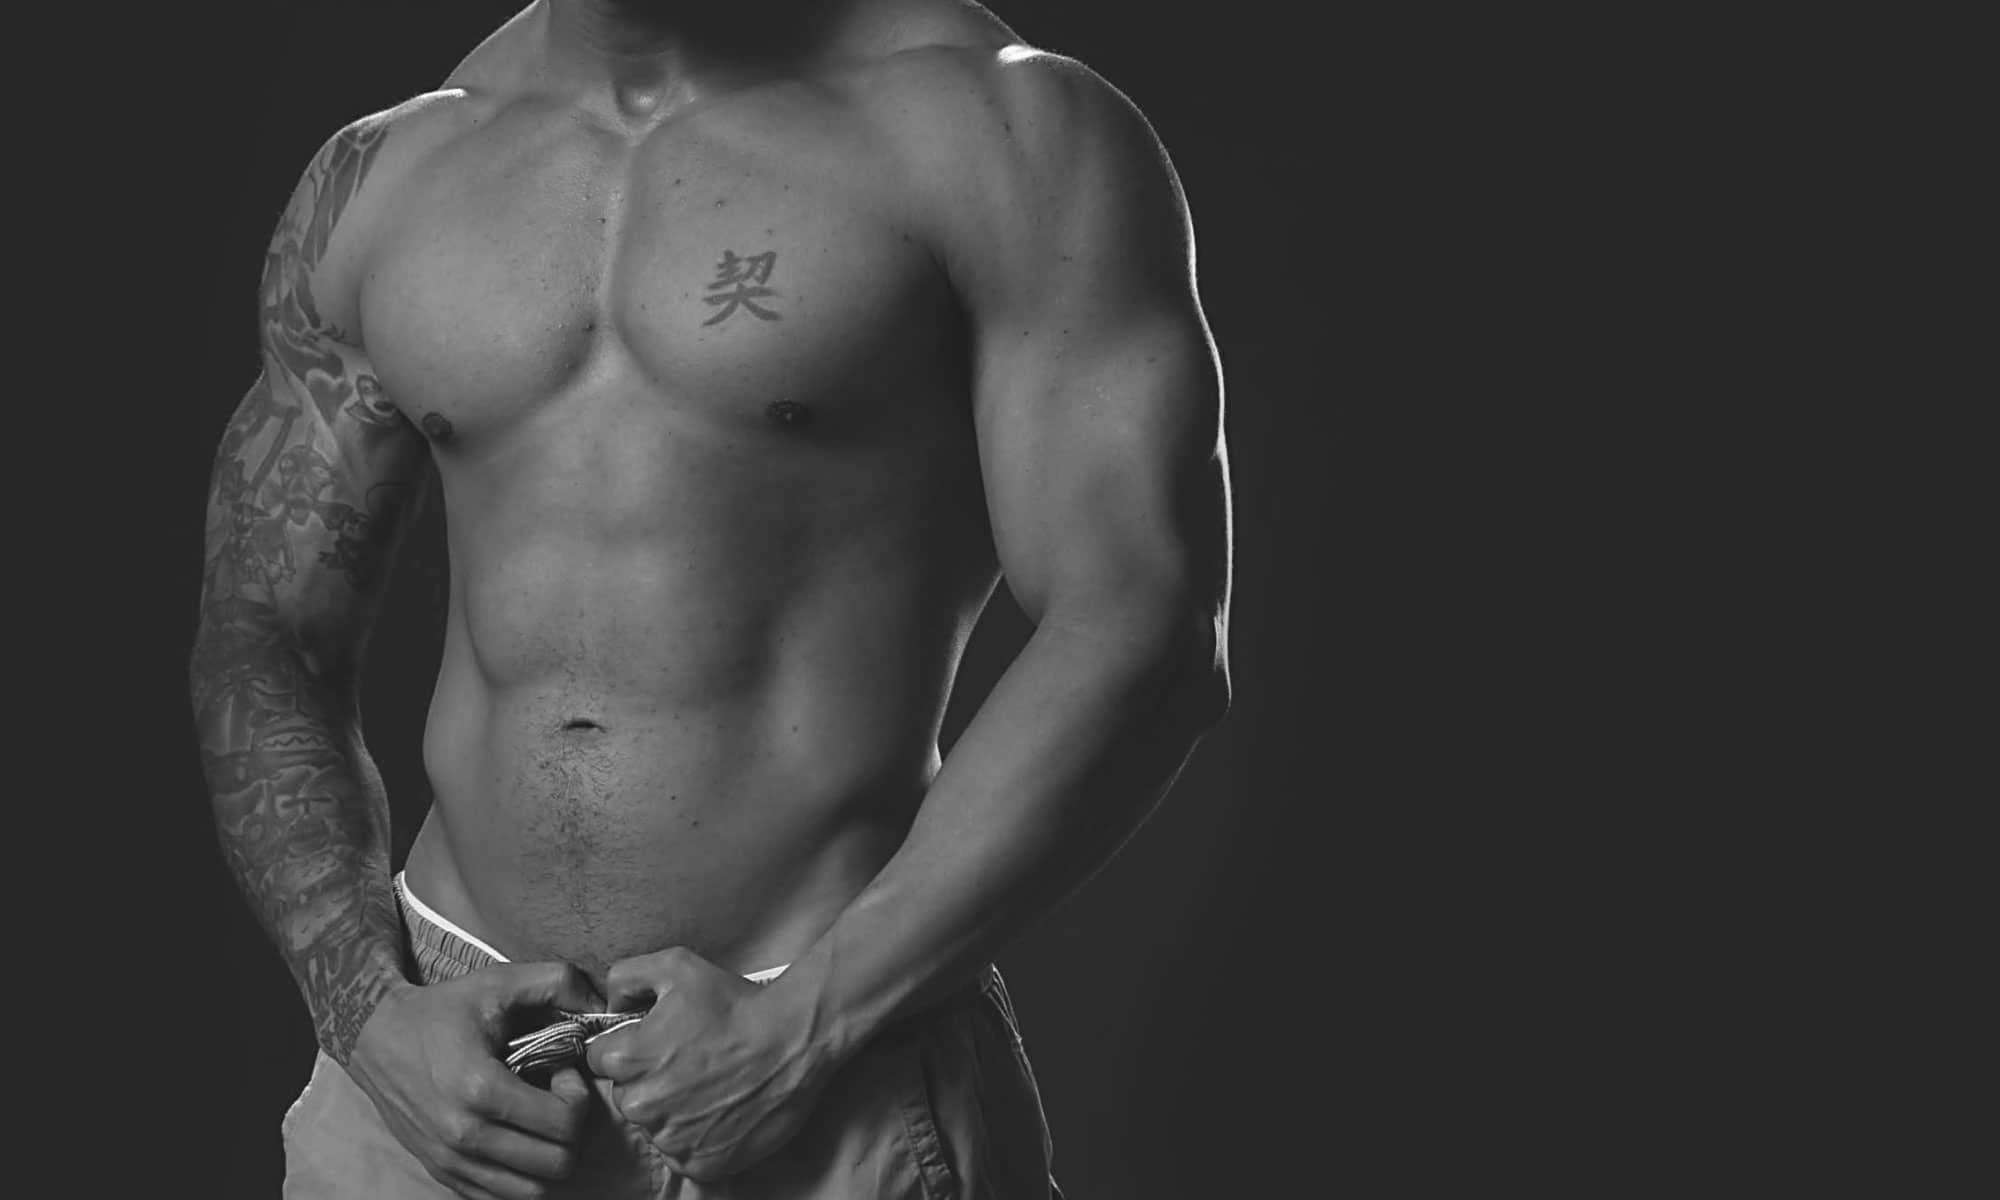 Male Body Sculpting